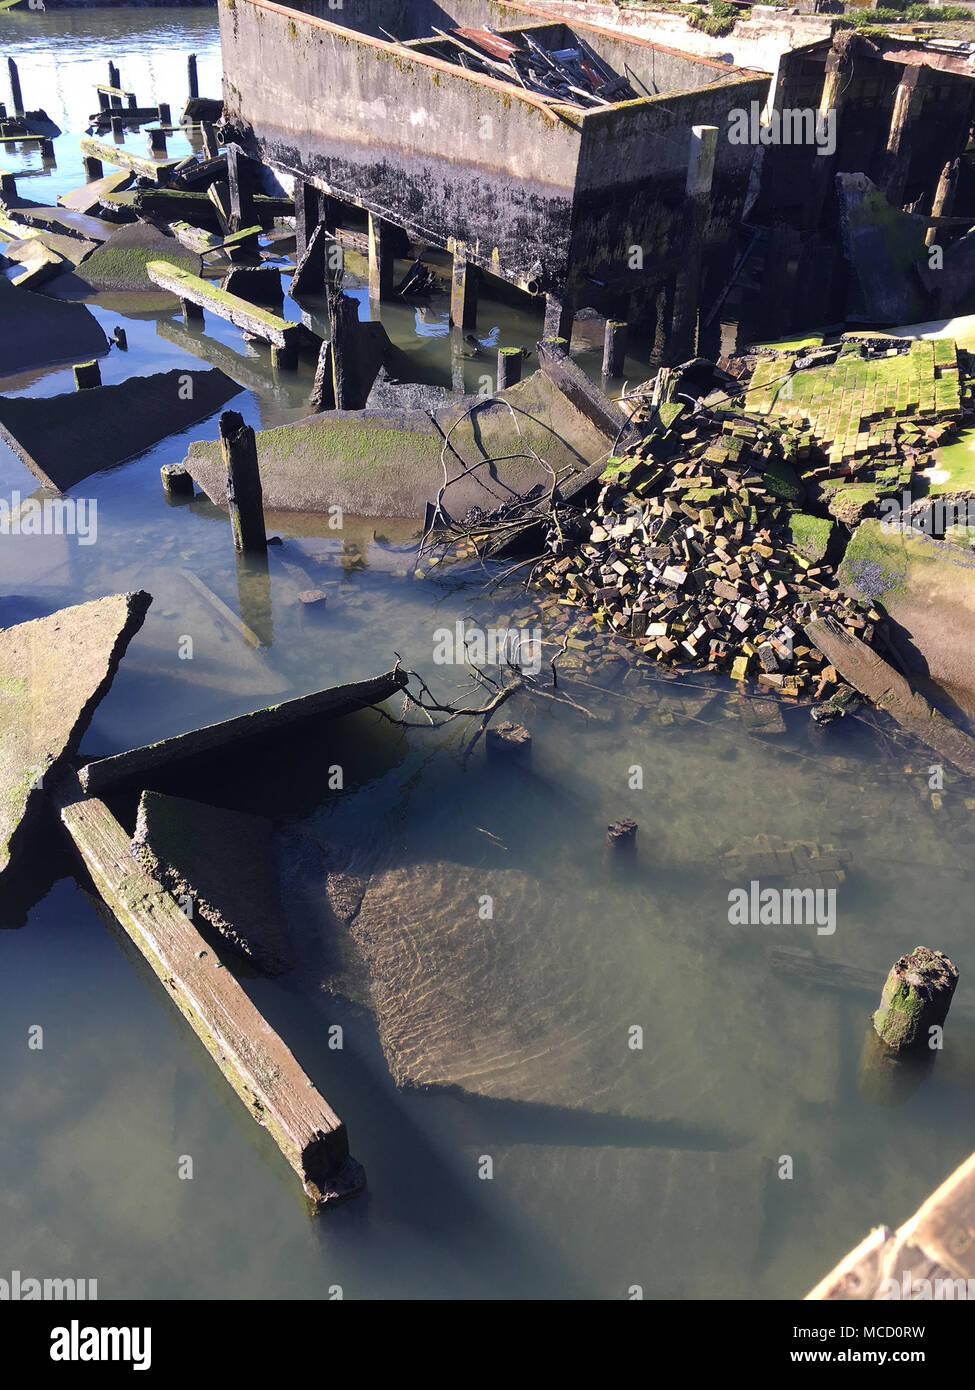 Nettoyage d'un déversement de pétrole dans le fleuve Columbia est en déclin, le 12 février 2018, après qu'un réservoir d'huile a été retiré de sous un pilier adjacent à la Cannery Pier Hotel & Spa, le 30 janvier 2018. Leur a pas eu plus d'huile car la suppression de la milieu des années 1900 réservoir d'huile, mais les restes d'huile restent sur des pilotis et jetée de rochers qui se dissipent naturellement et météorologiques. U.S. Coast Guard photo de Maître de 2e classe Mark Campanale. Photo Stock